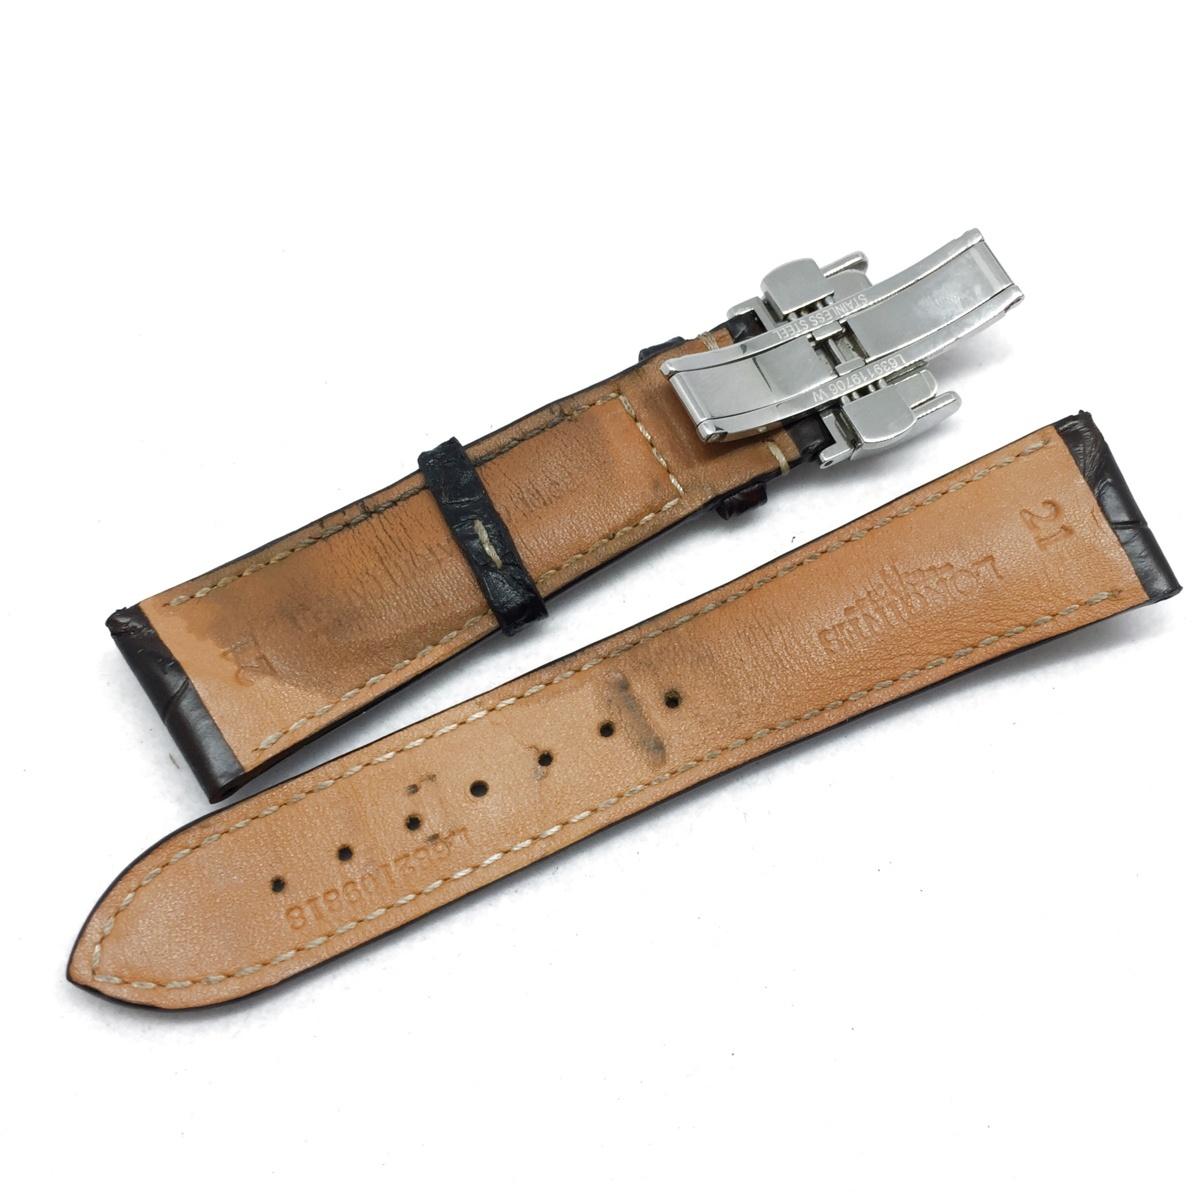 9-3525 【美品・新品社外ベルト】 ロンジン 腕時計 マスターコレクション L2.793.4.78.3 自動巻き デイト メンズ 純正革ベルト付属_画像8